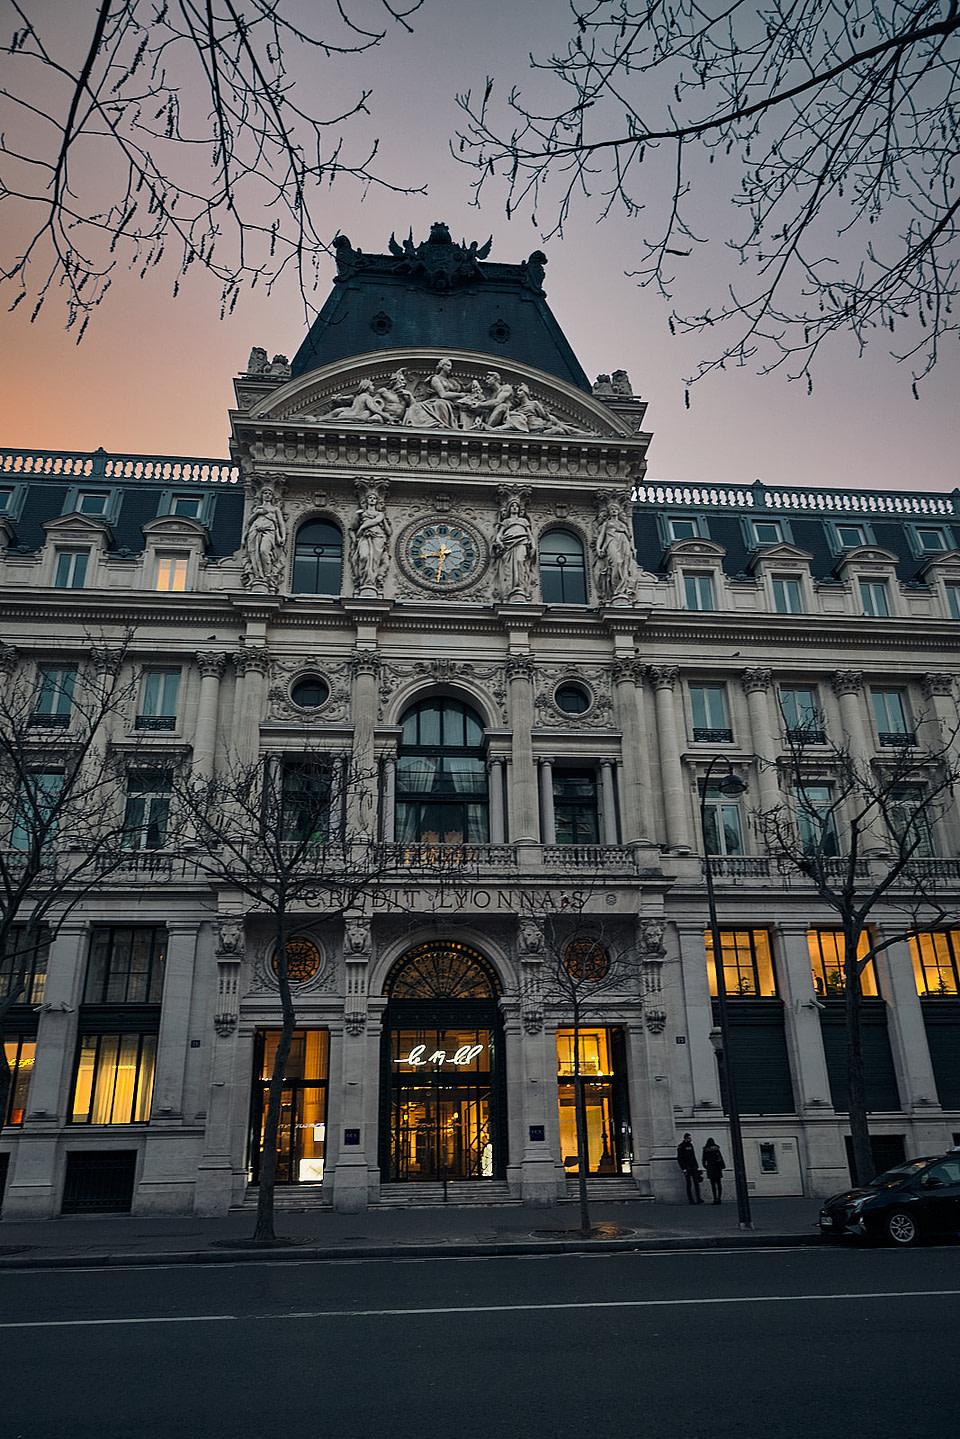 L'entrée principale de l'immeuble crédit lyonnais LCL au 19 Boulevard des Italiens à Paris au levé du soleil